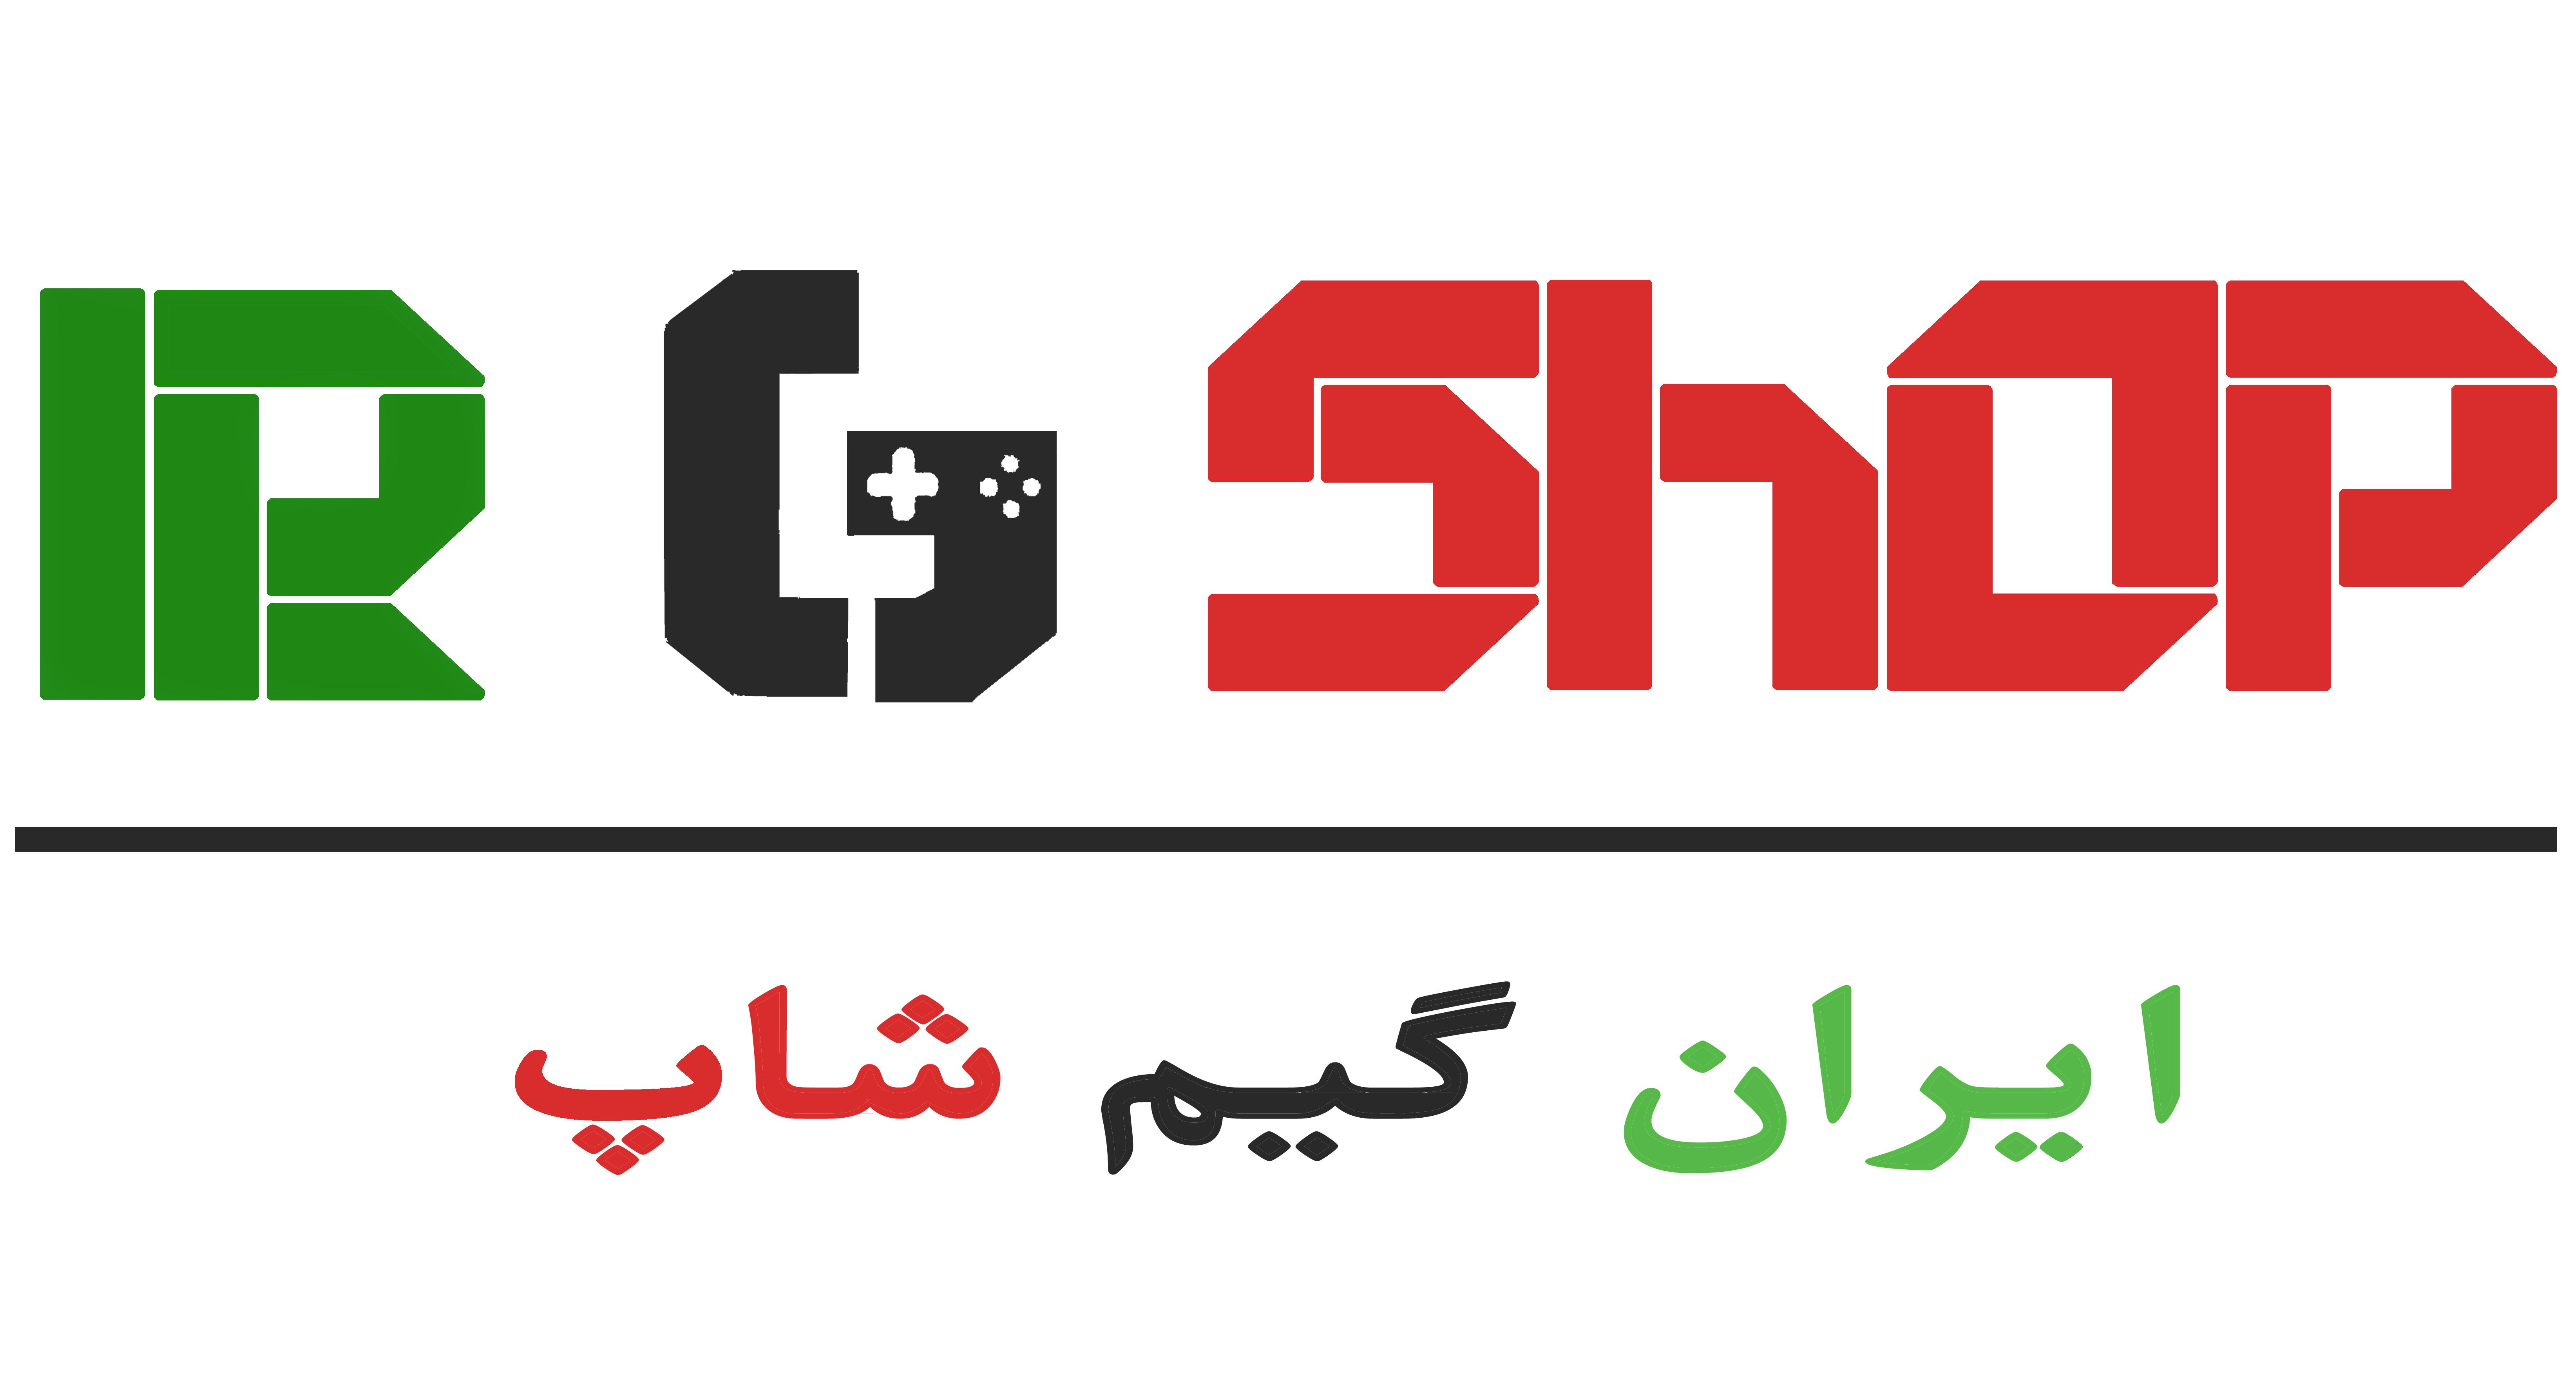 ایران گیم شاپ | ساکر استار | بیلیارد